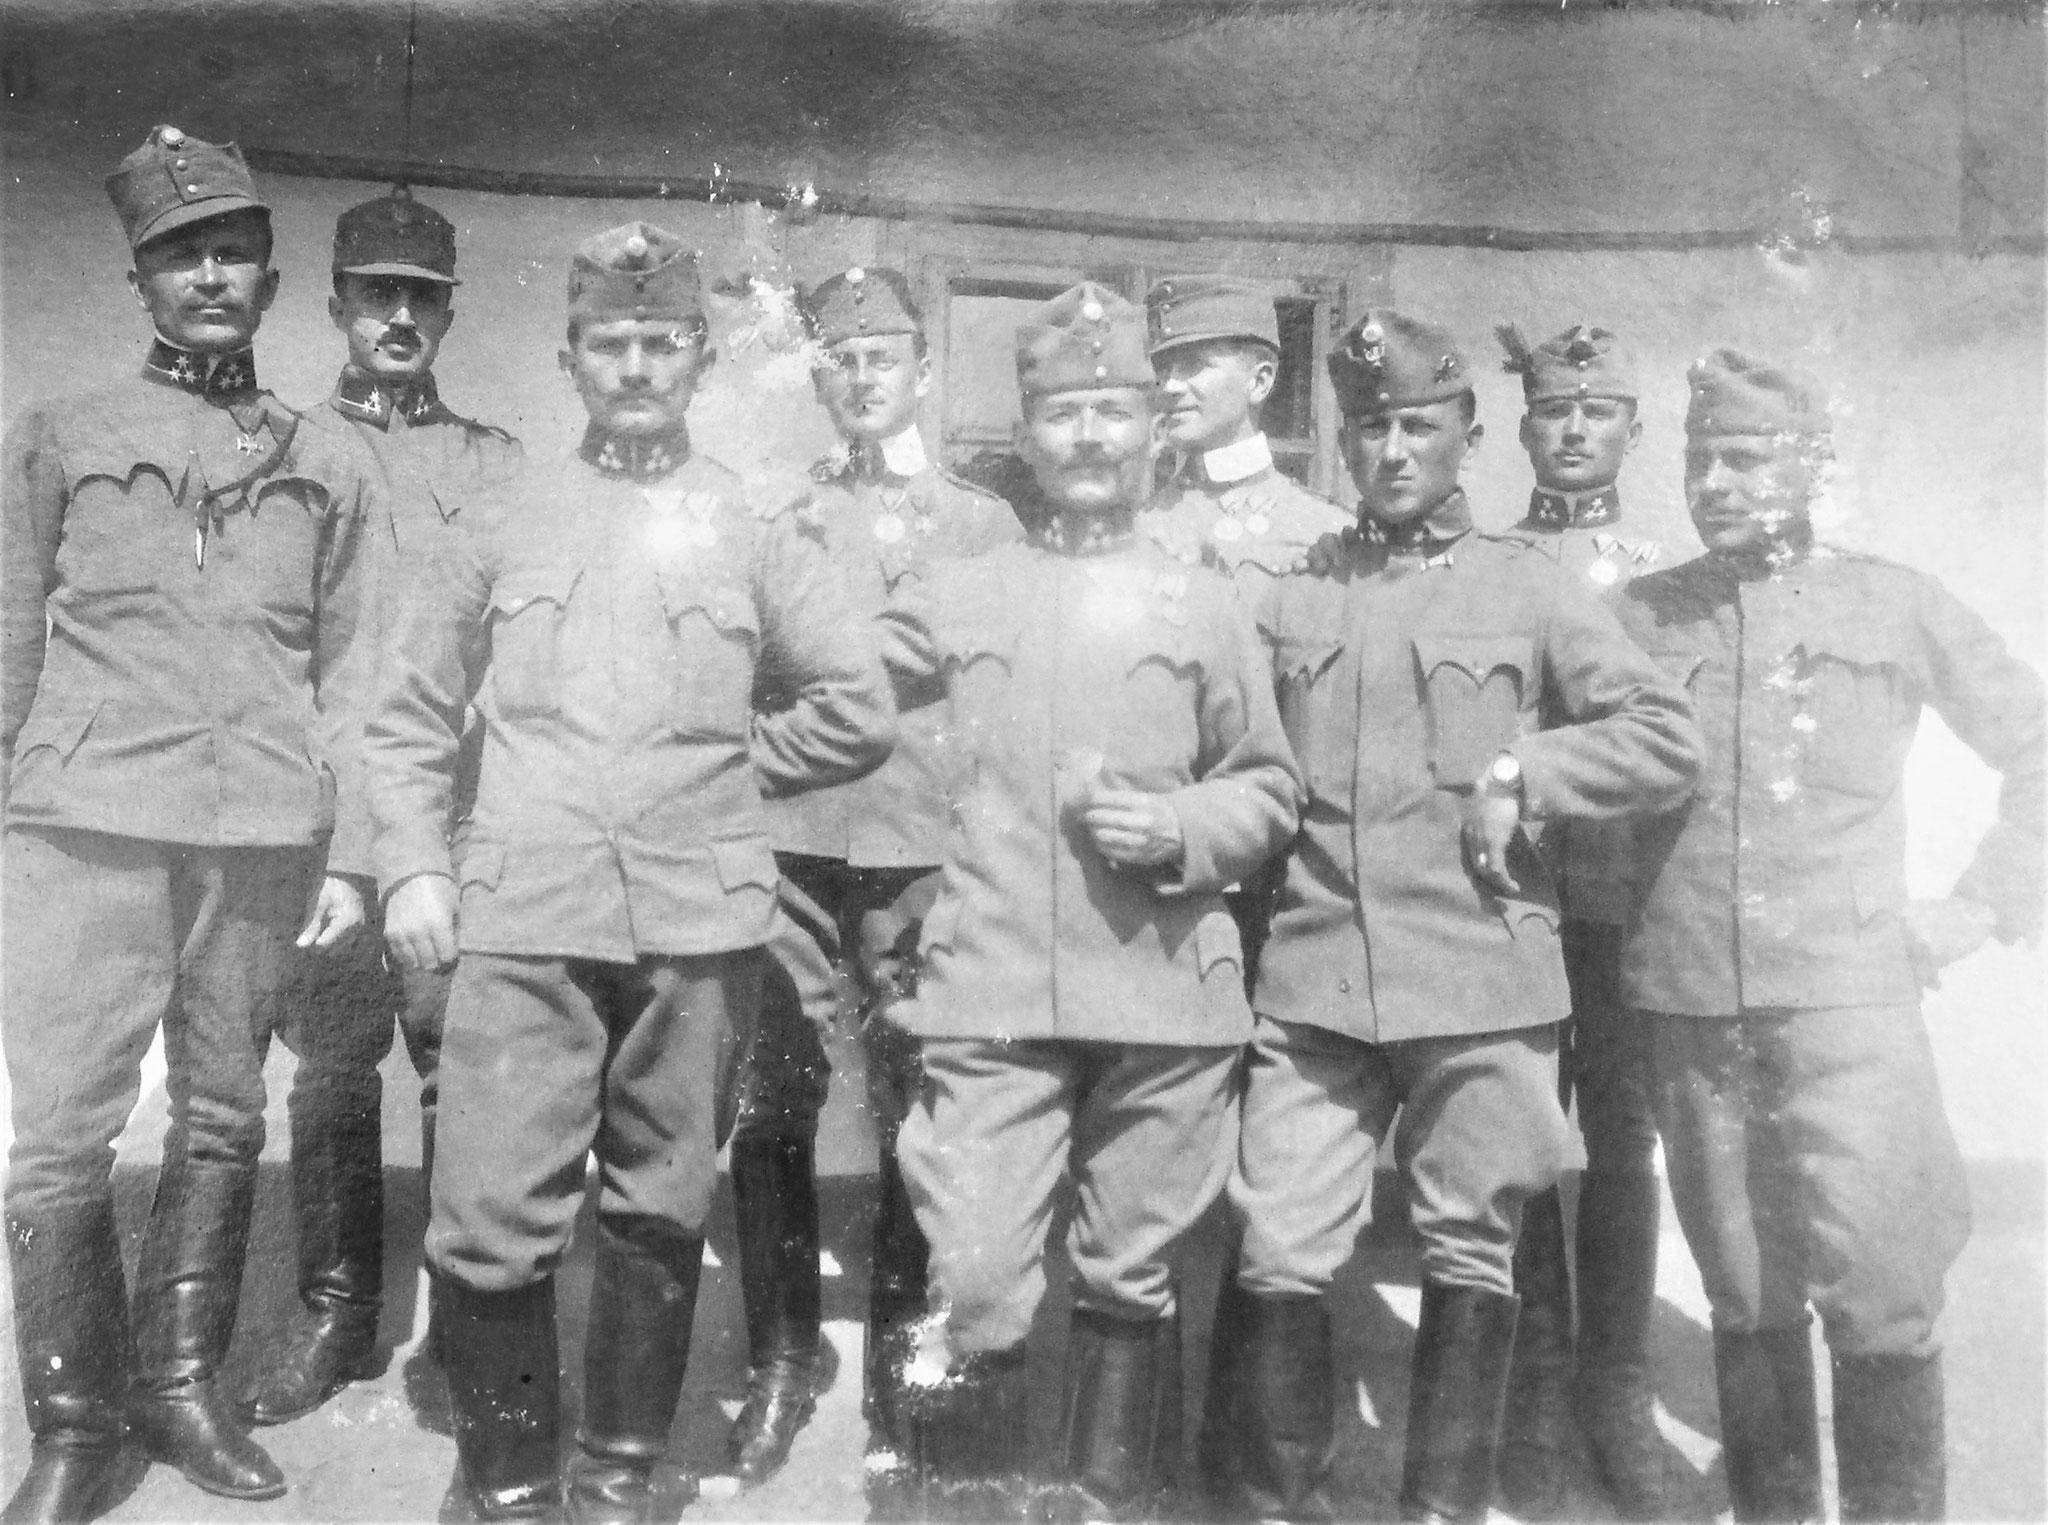 Wachtmeister Fuss-Esk. D5: Kosimic, Stanz (RUO), Telsnig, Czernicky (DfUO), Priversek, Gross, Kastellic (3.), Galgoczy (1.), Zgf Waltl (3.).